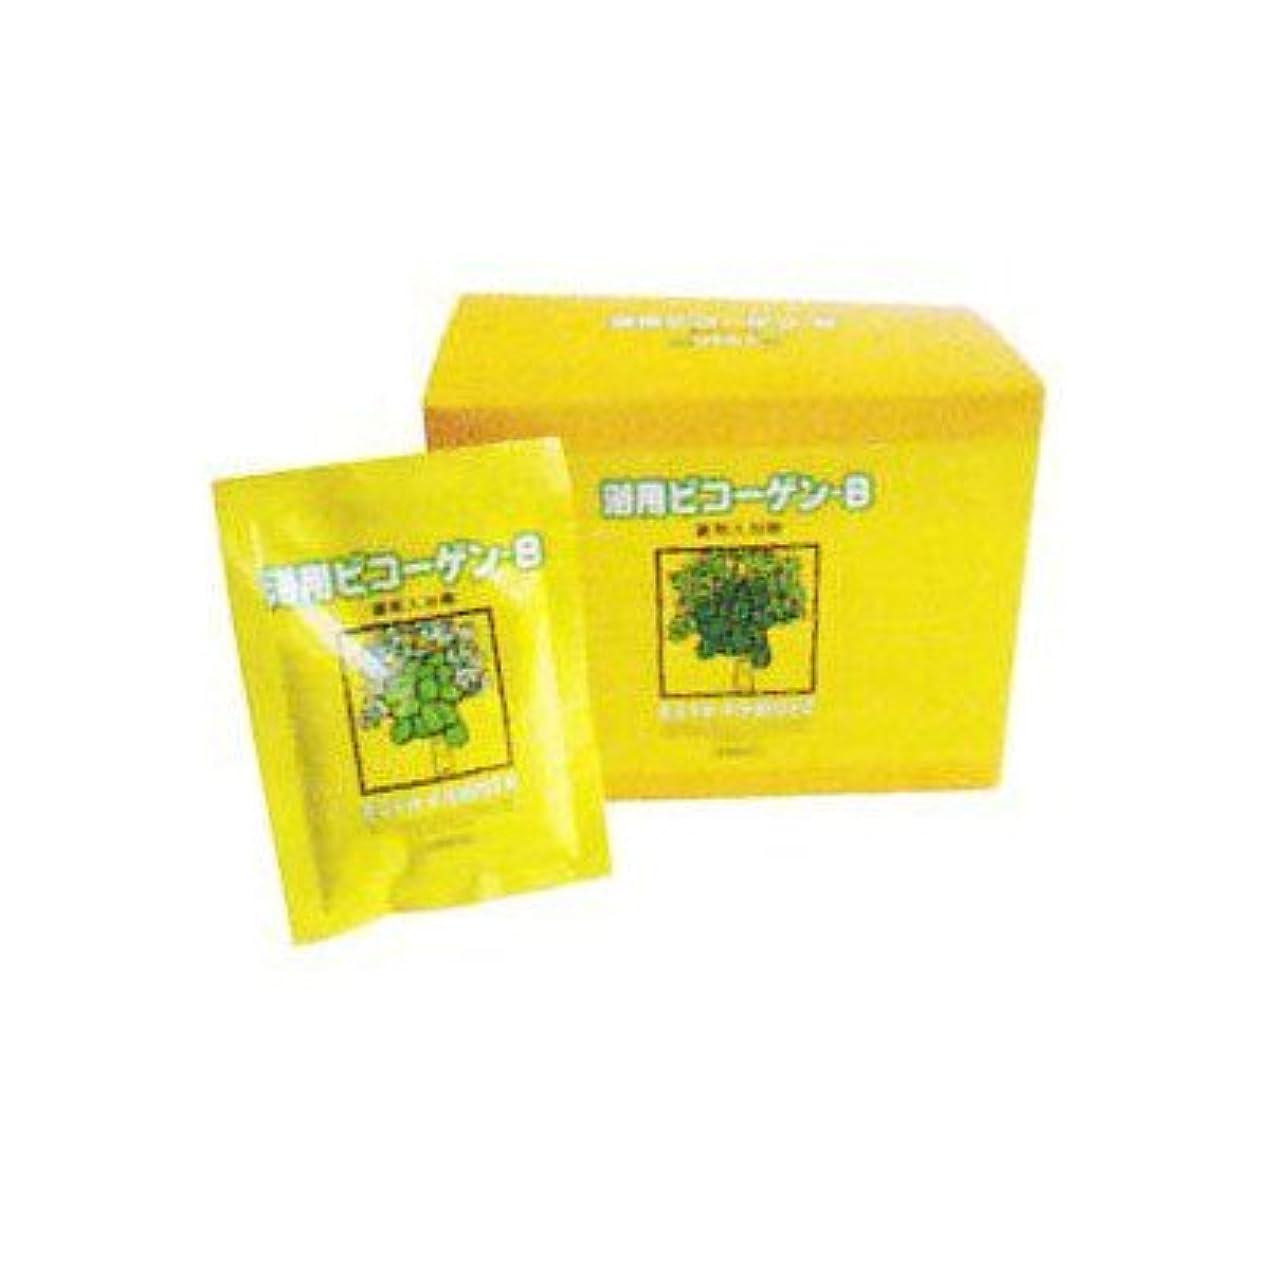 認識シネマキウイ酸素入浴剤 リアル 浴用 ビコーゲン B 分包タイプ a221074